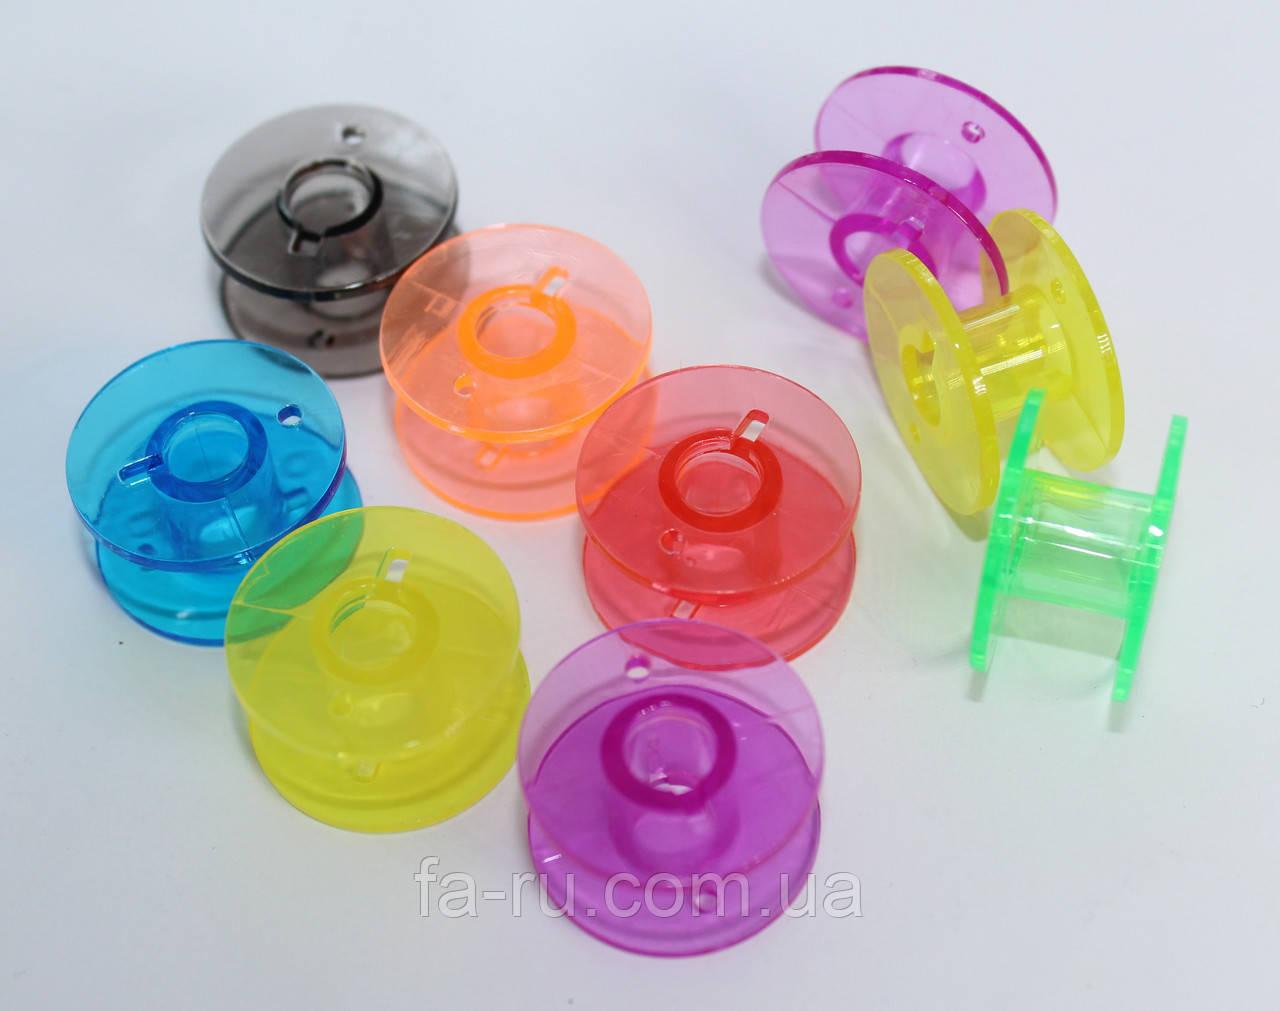 Шпули для швейной машинки пластиковые, цветные